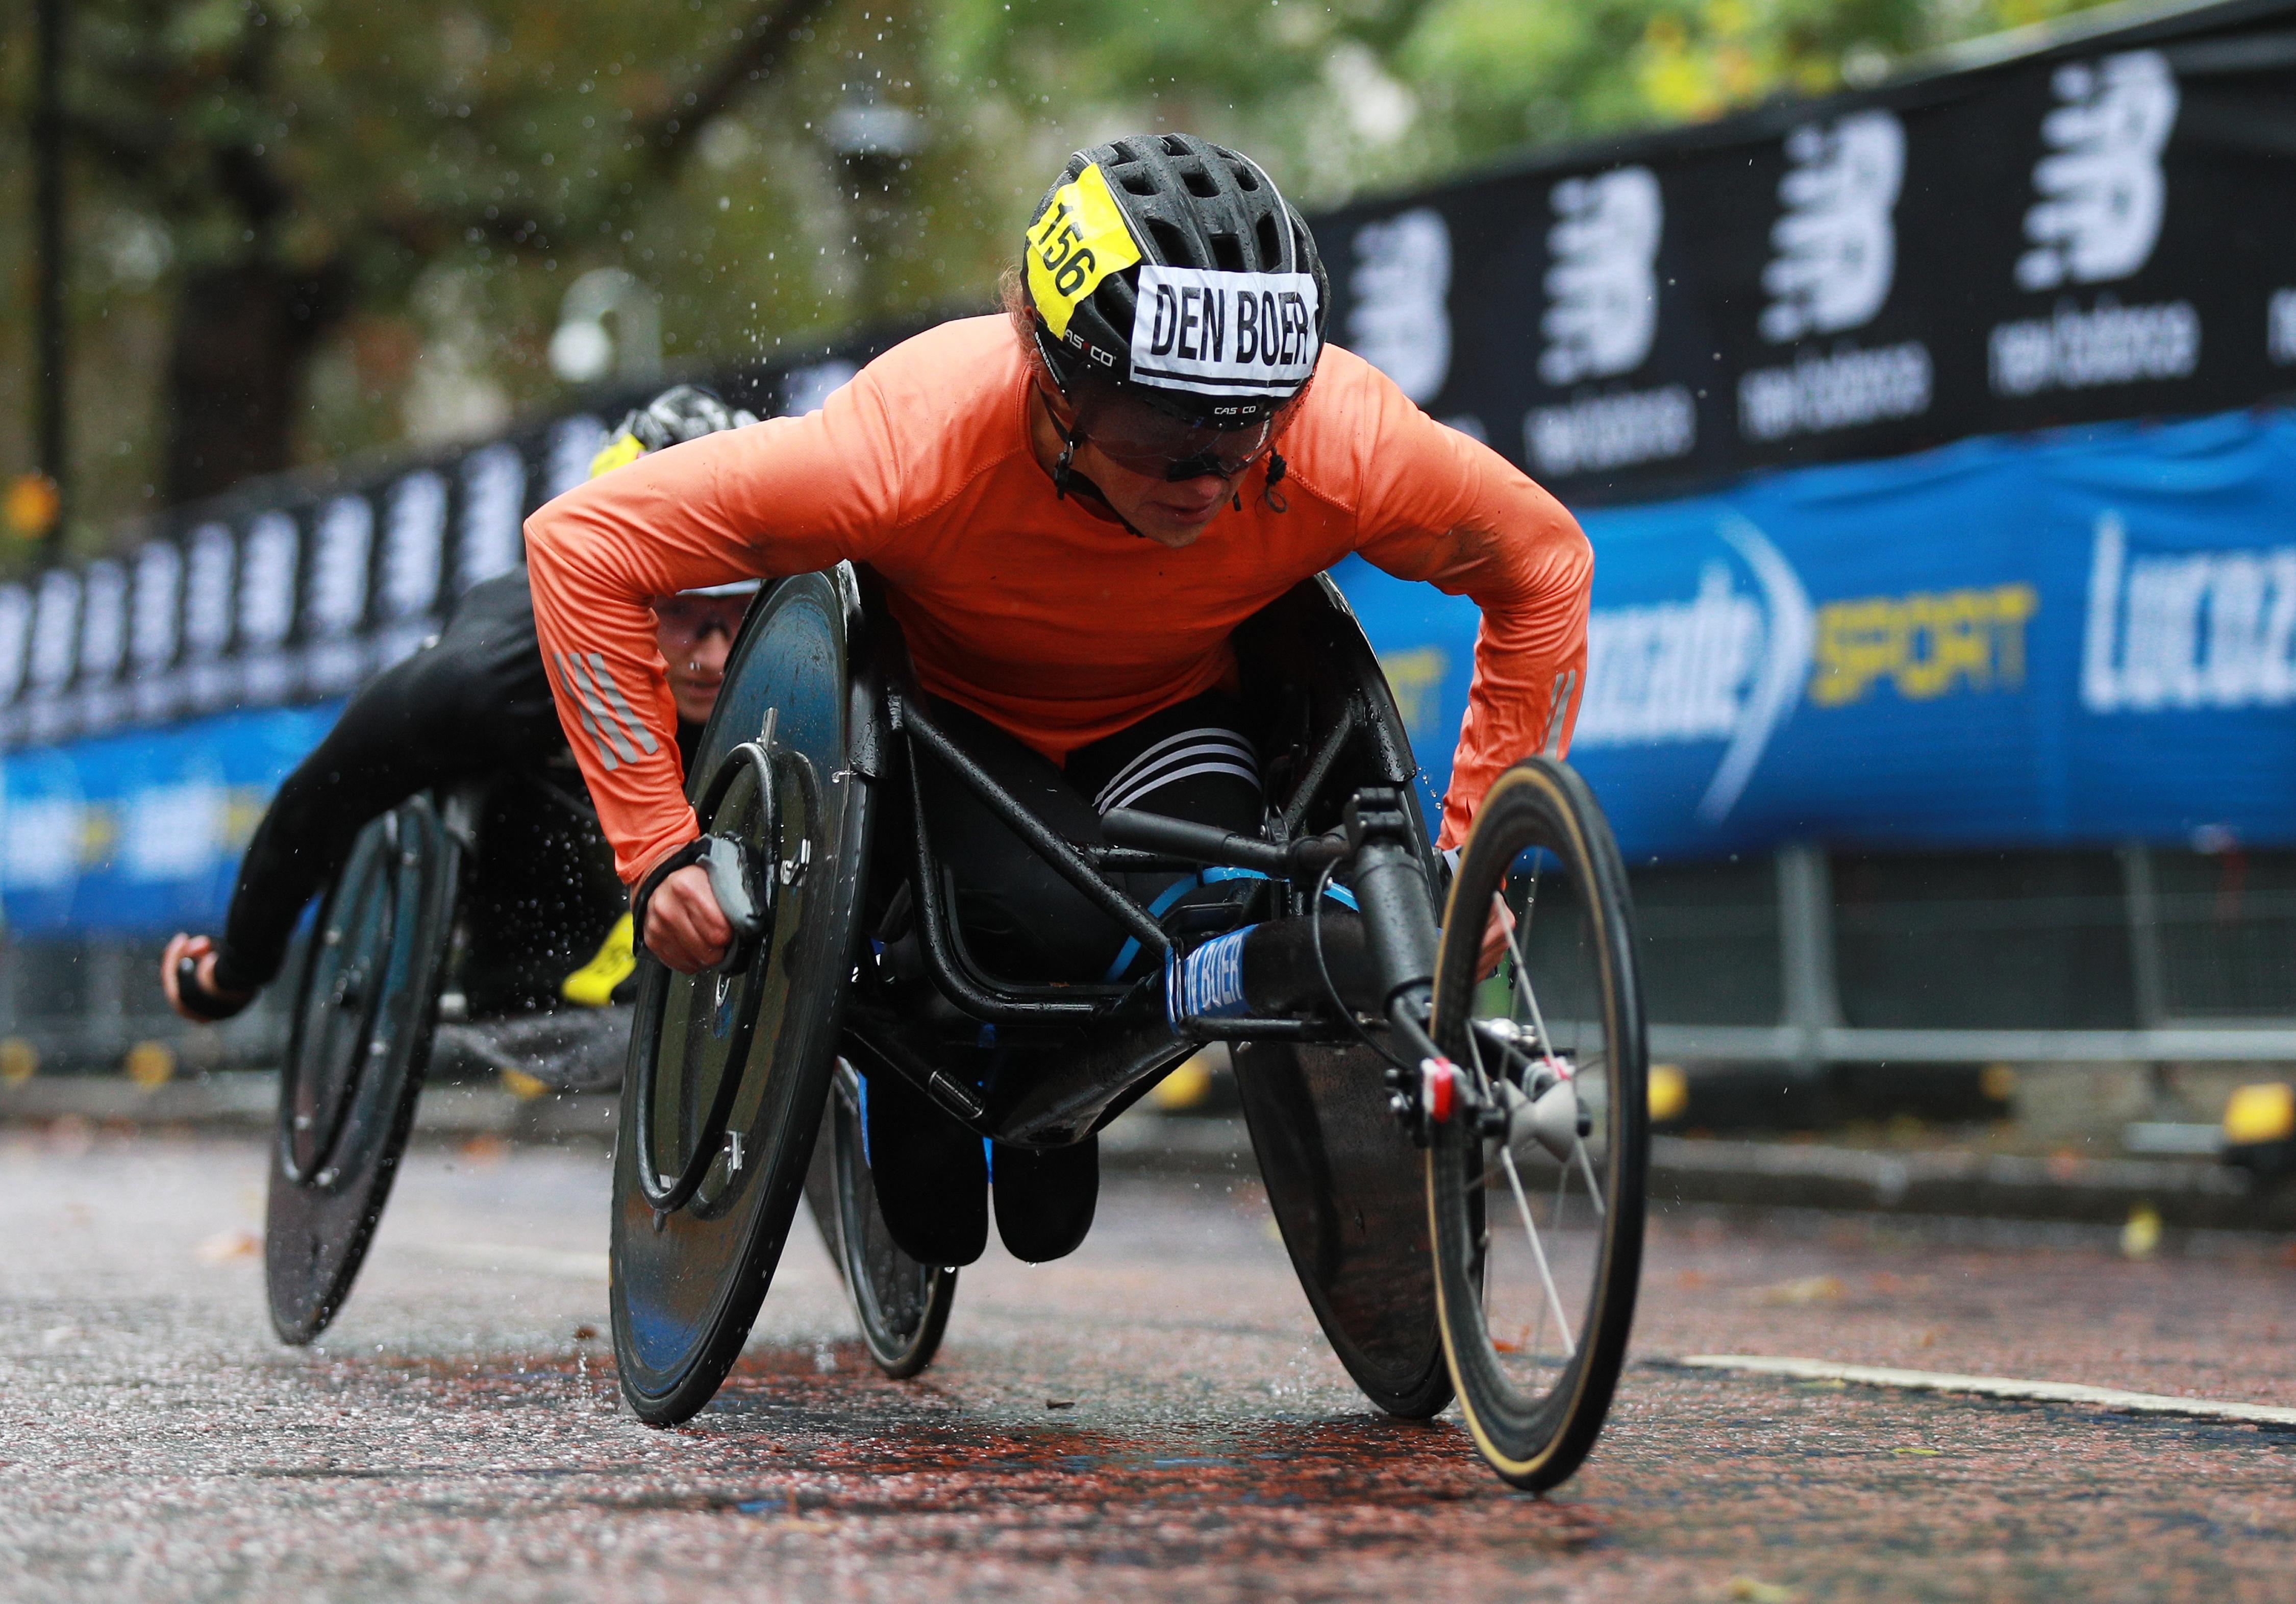 Haarlemse Nikita den Boer wint marathon wheelen in Londen en mag naar Spelen: 'Dit had ik totaal niet verwacht, enorm gaaf'